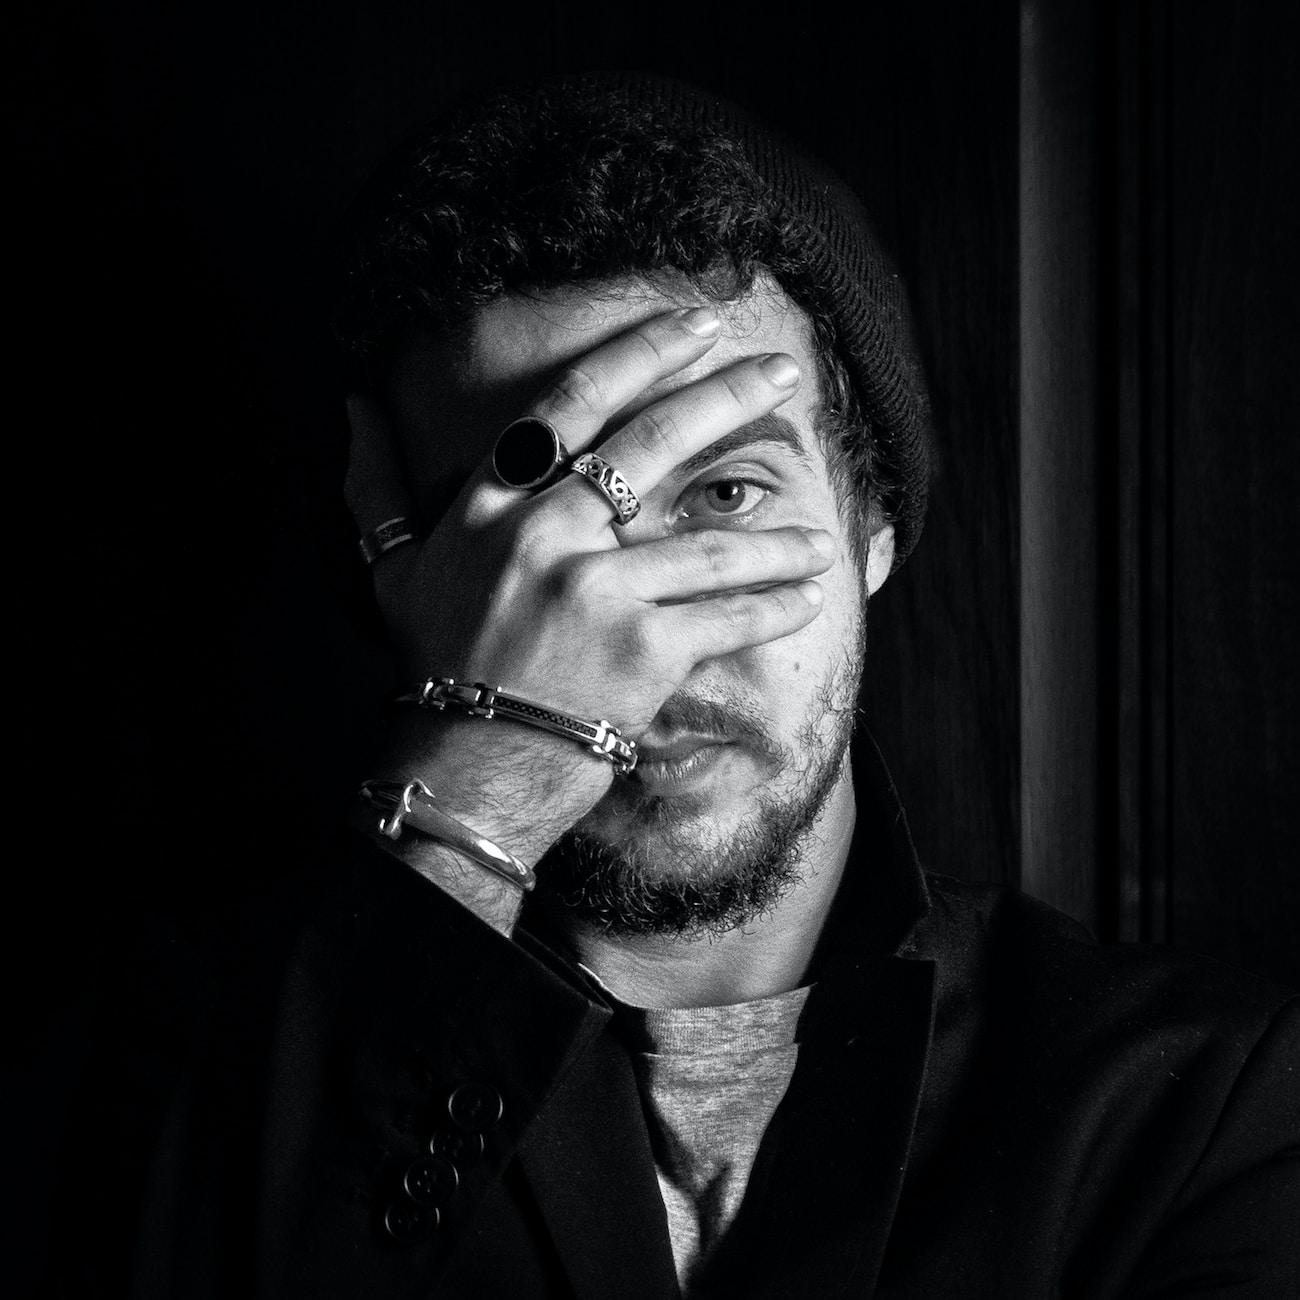 Go to Alessandro Bellone's profile